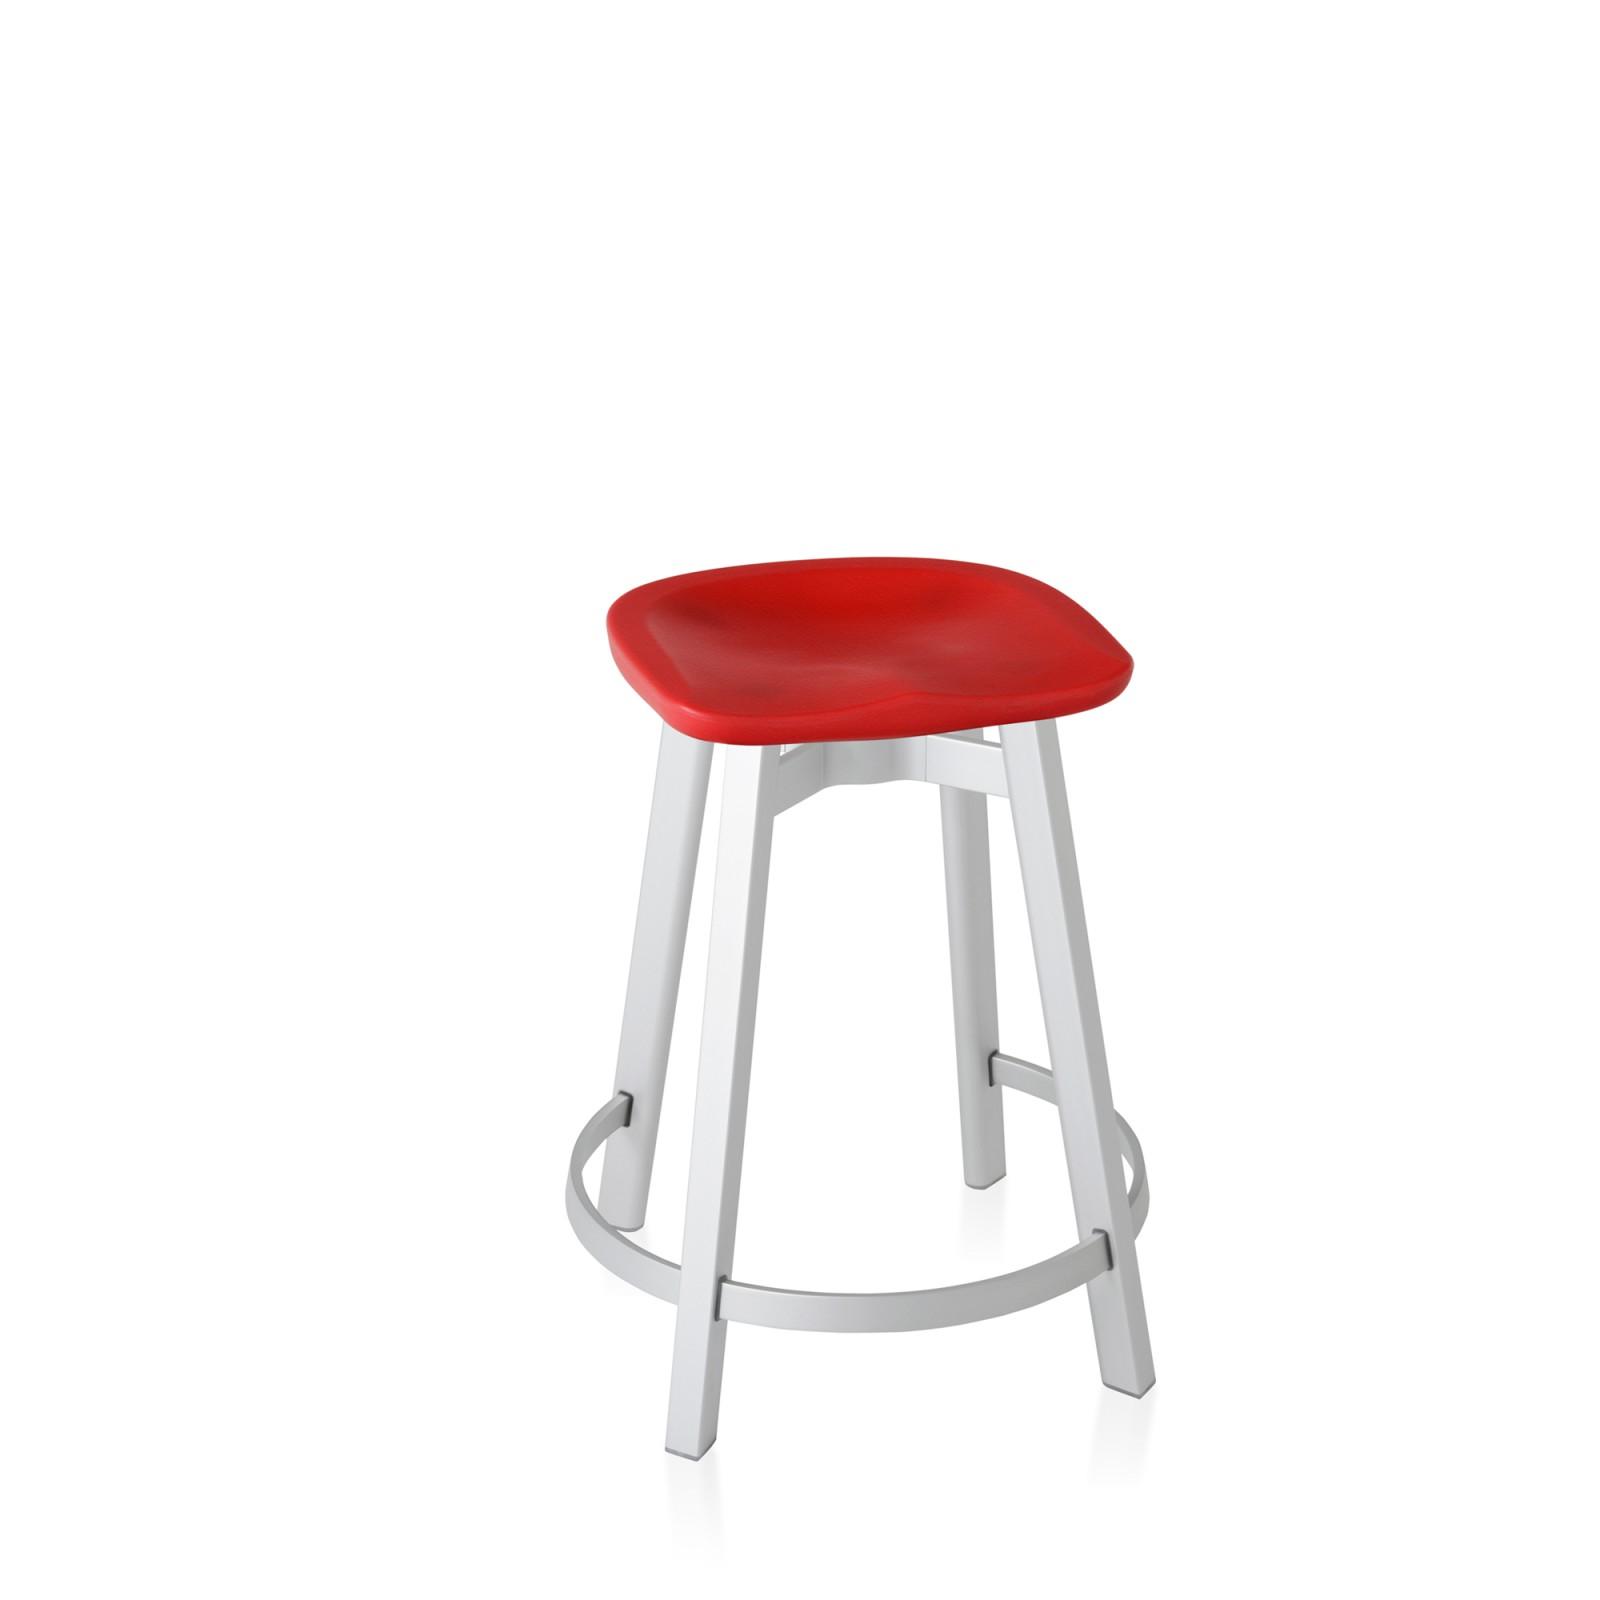 Su Counter Stool Aluminium, Red